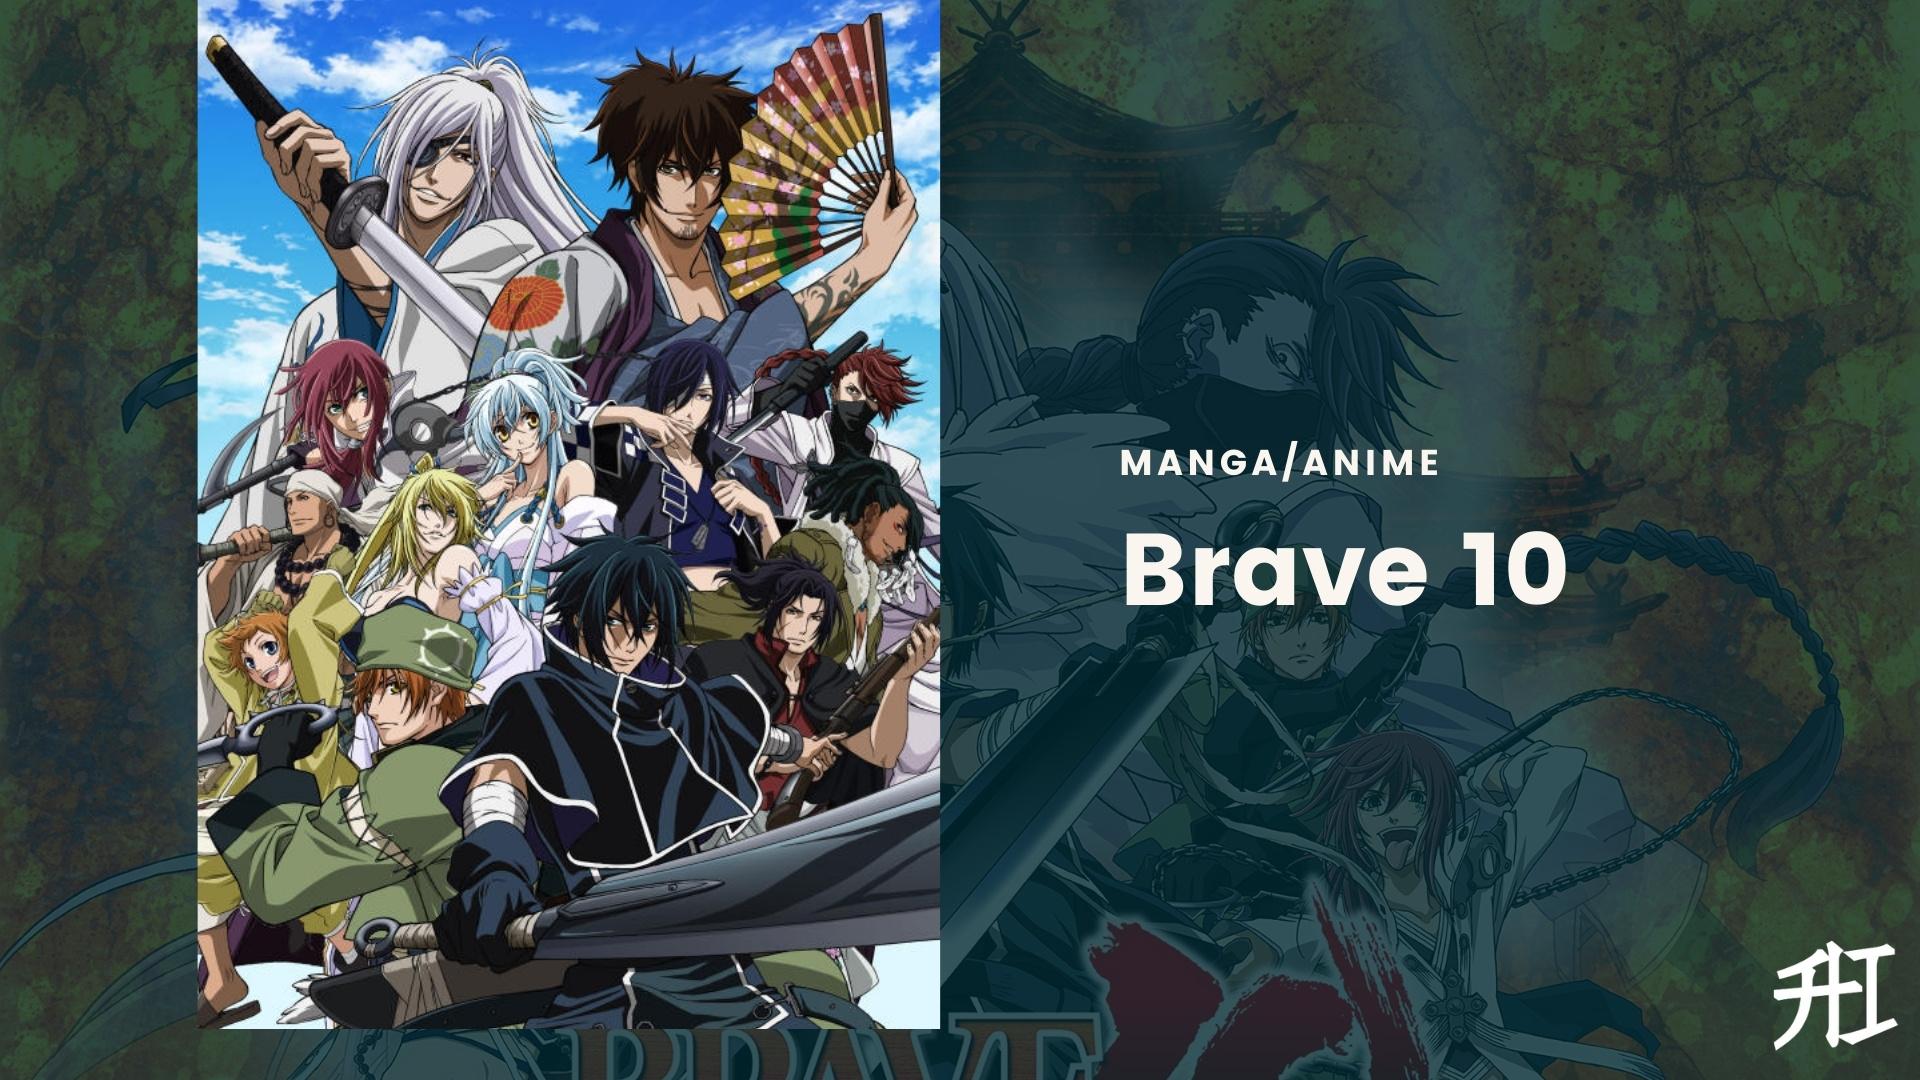 anime like Yasuke